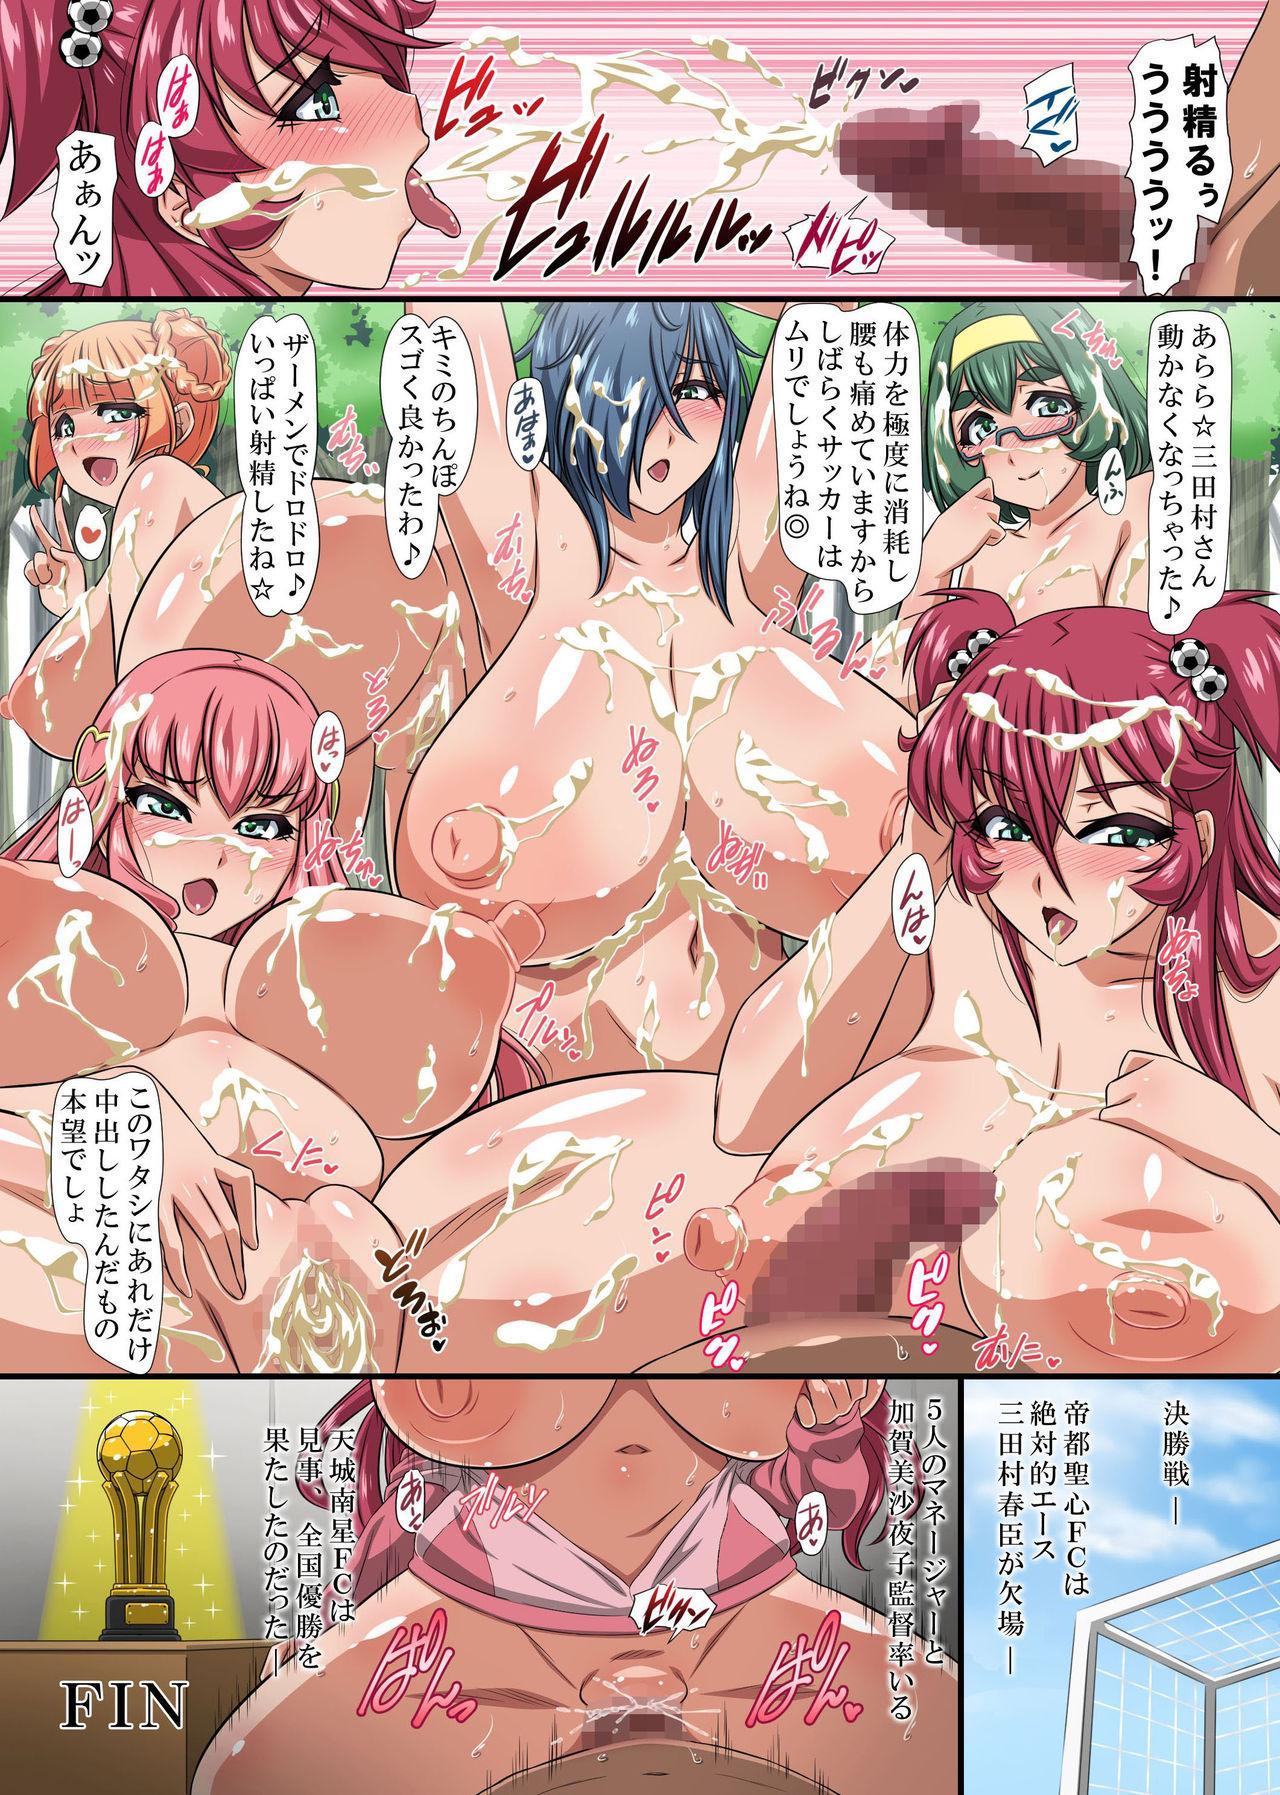 Bakunyu Team Staff no Kenshinteki de Ecchi na Oppai Gohobi 24